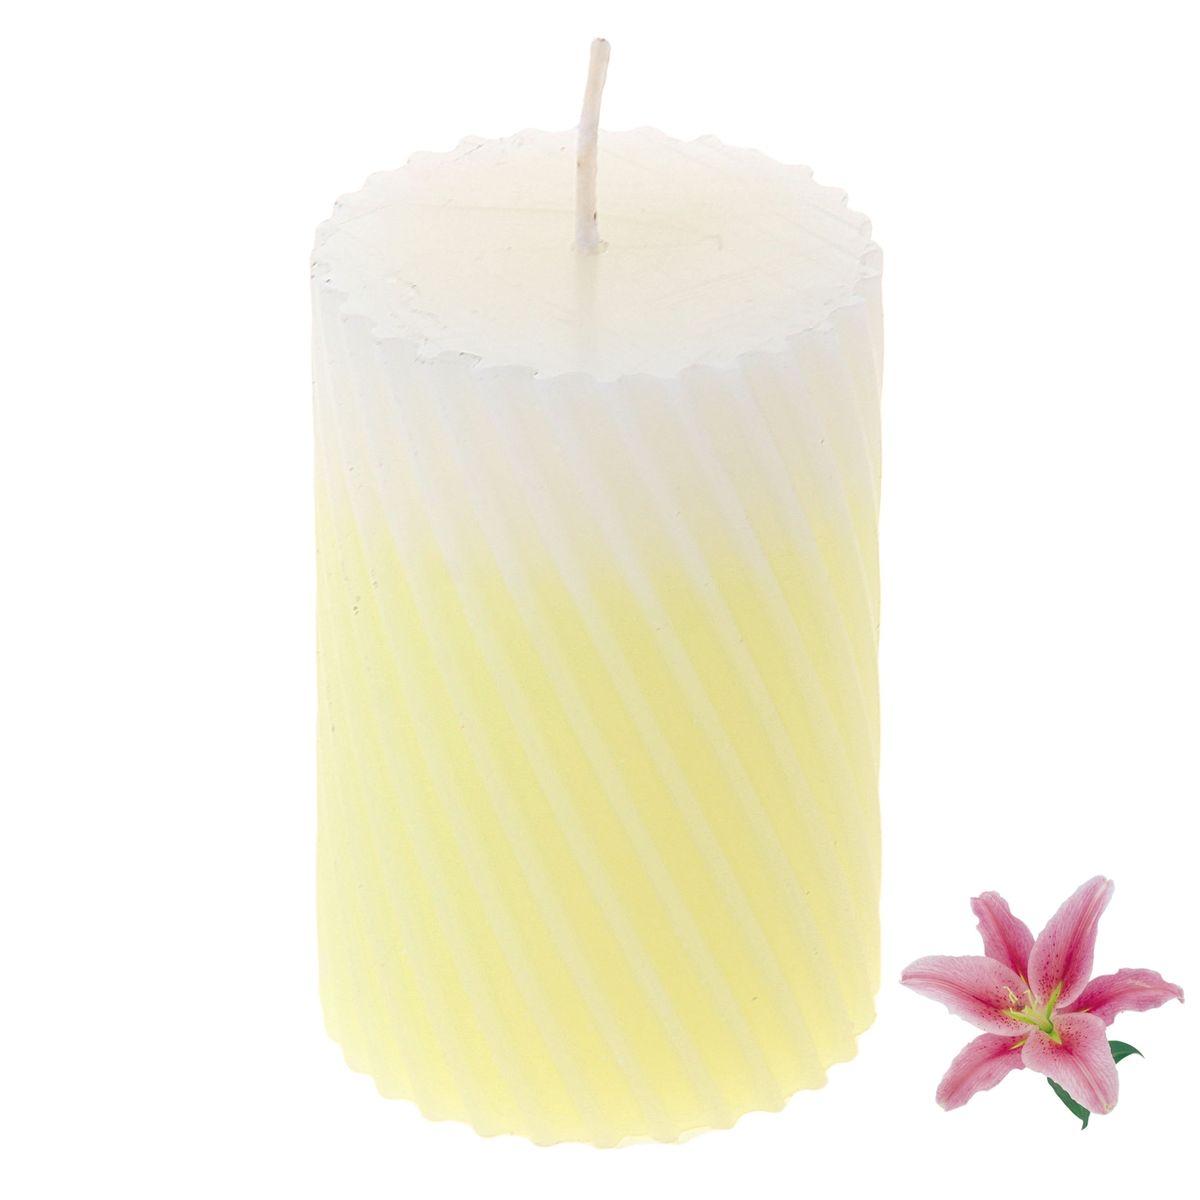 Свеча ароматизированная Sima-land Лилия, высота 7,5 см. 849542 свеча ароматизированная sima land шиповник высота 7 5 см 907667